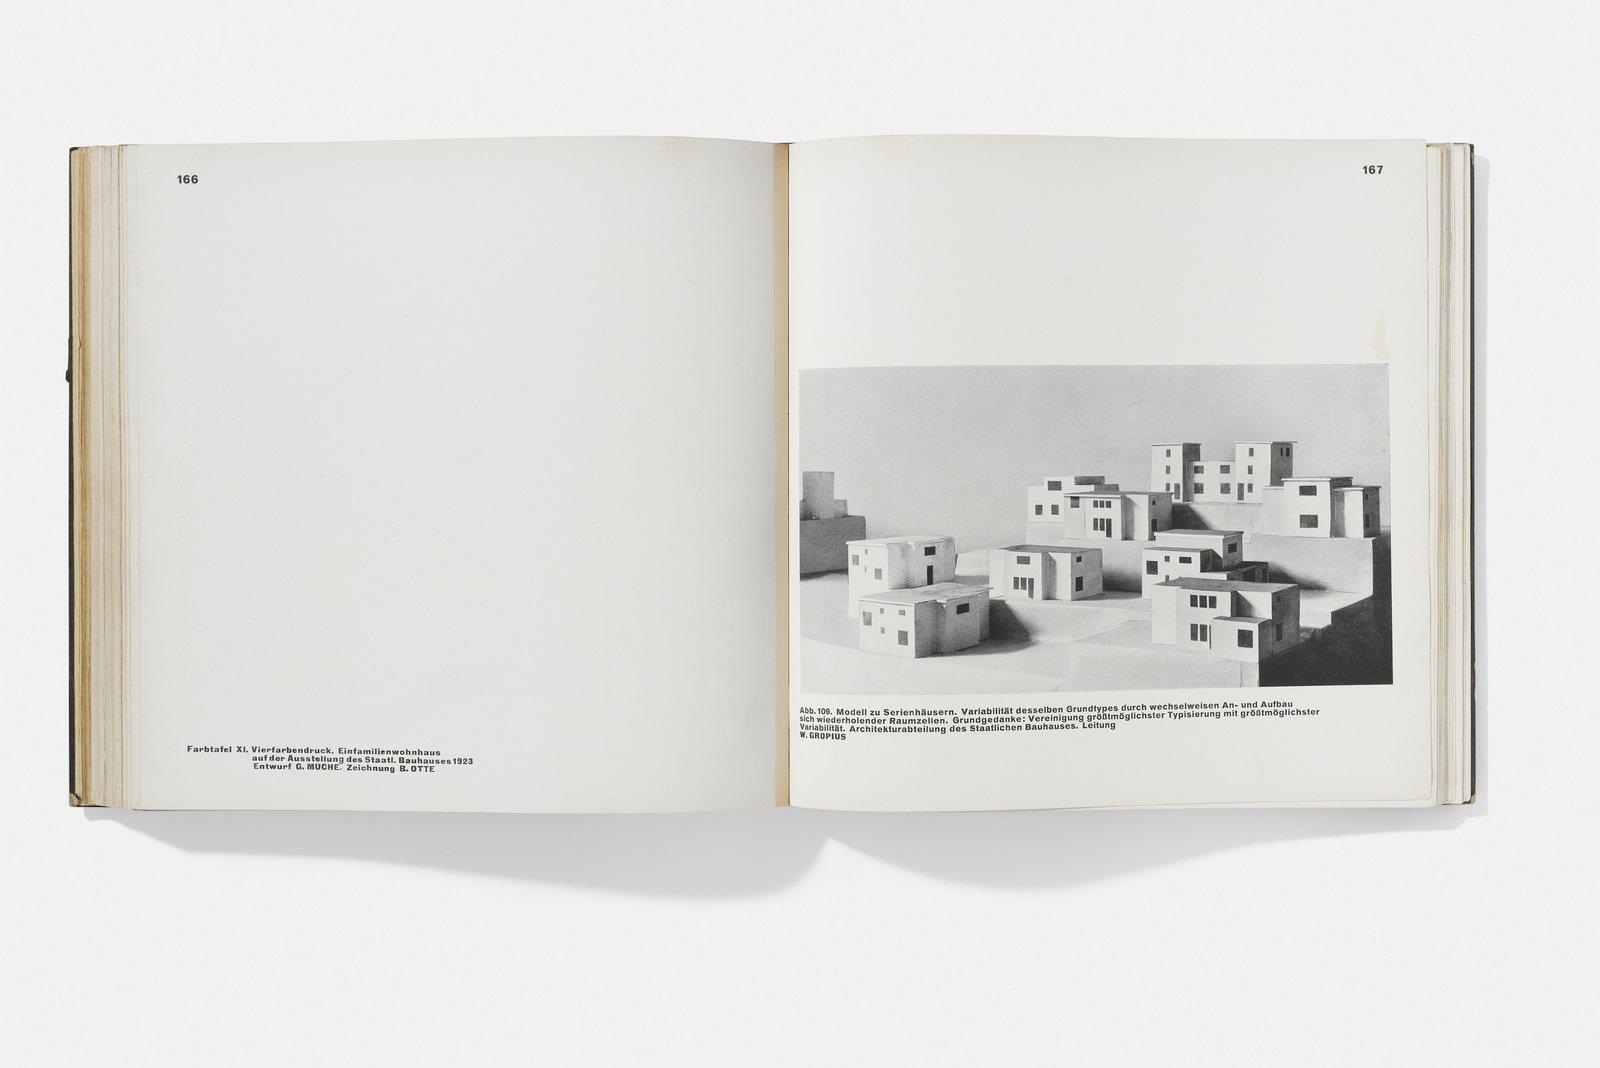 """Maquetas de autor sobre una serie de casas diseñadas por Walter Gropius. Extraído de la publicación """"Staatliches Bauhaus Weimar 1919–1923"""", 1923.  Foto: A. Körner (bildhübsche Fotografie) / Gentileza ifa"""